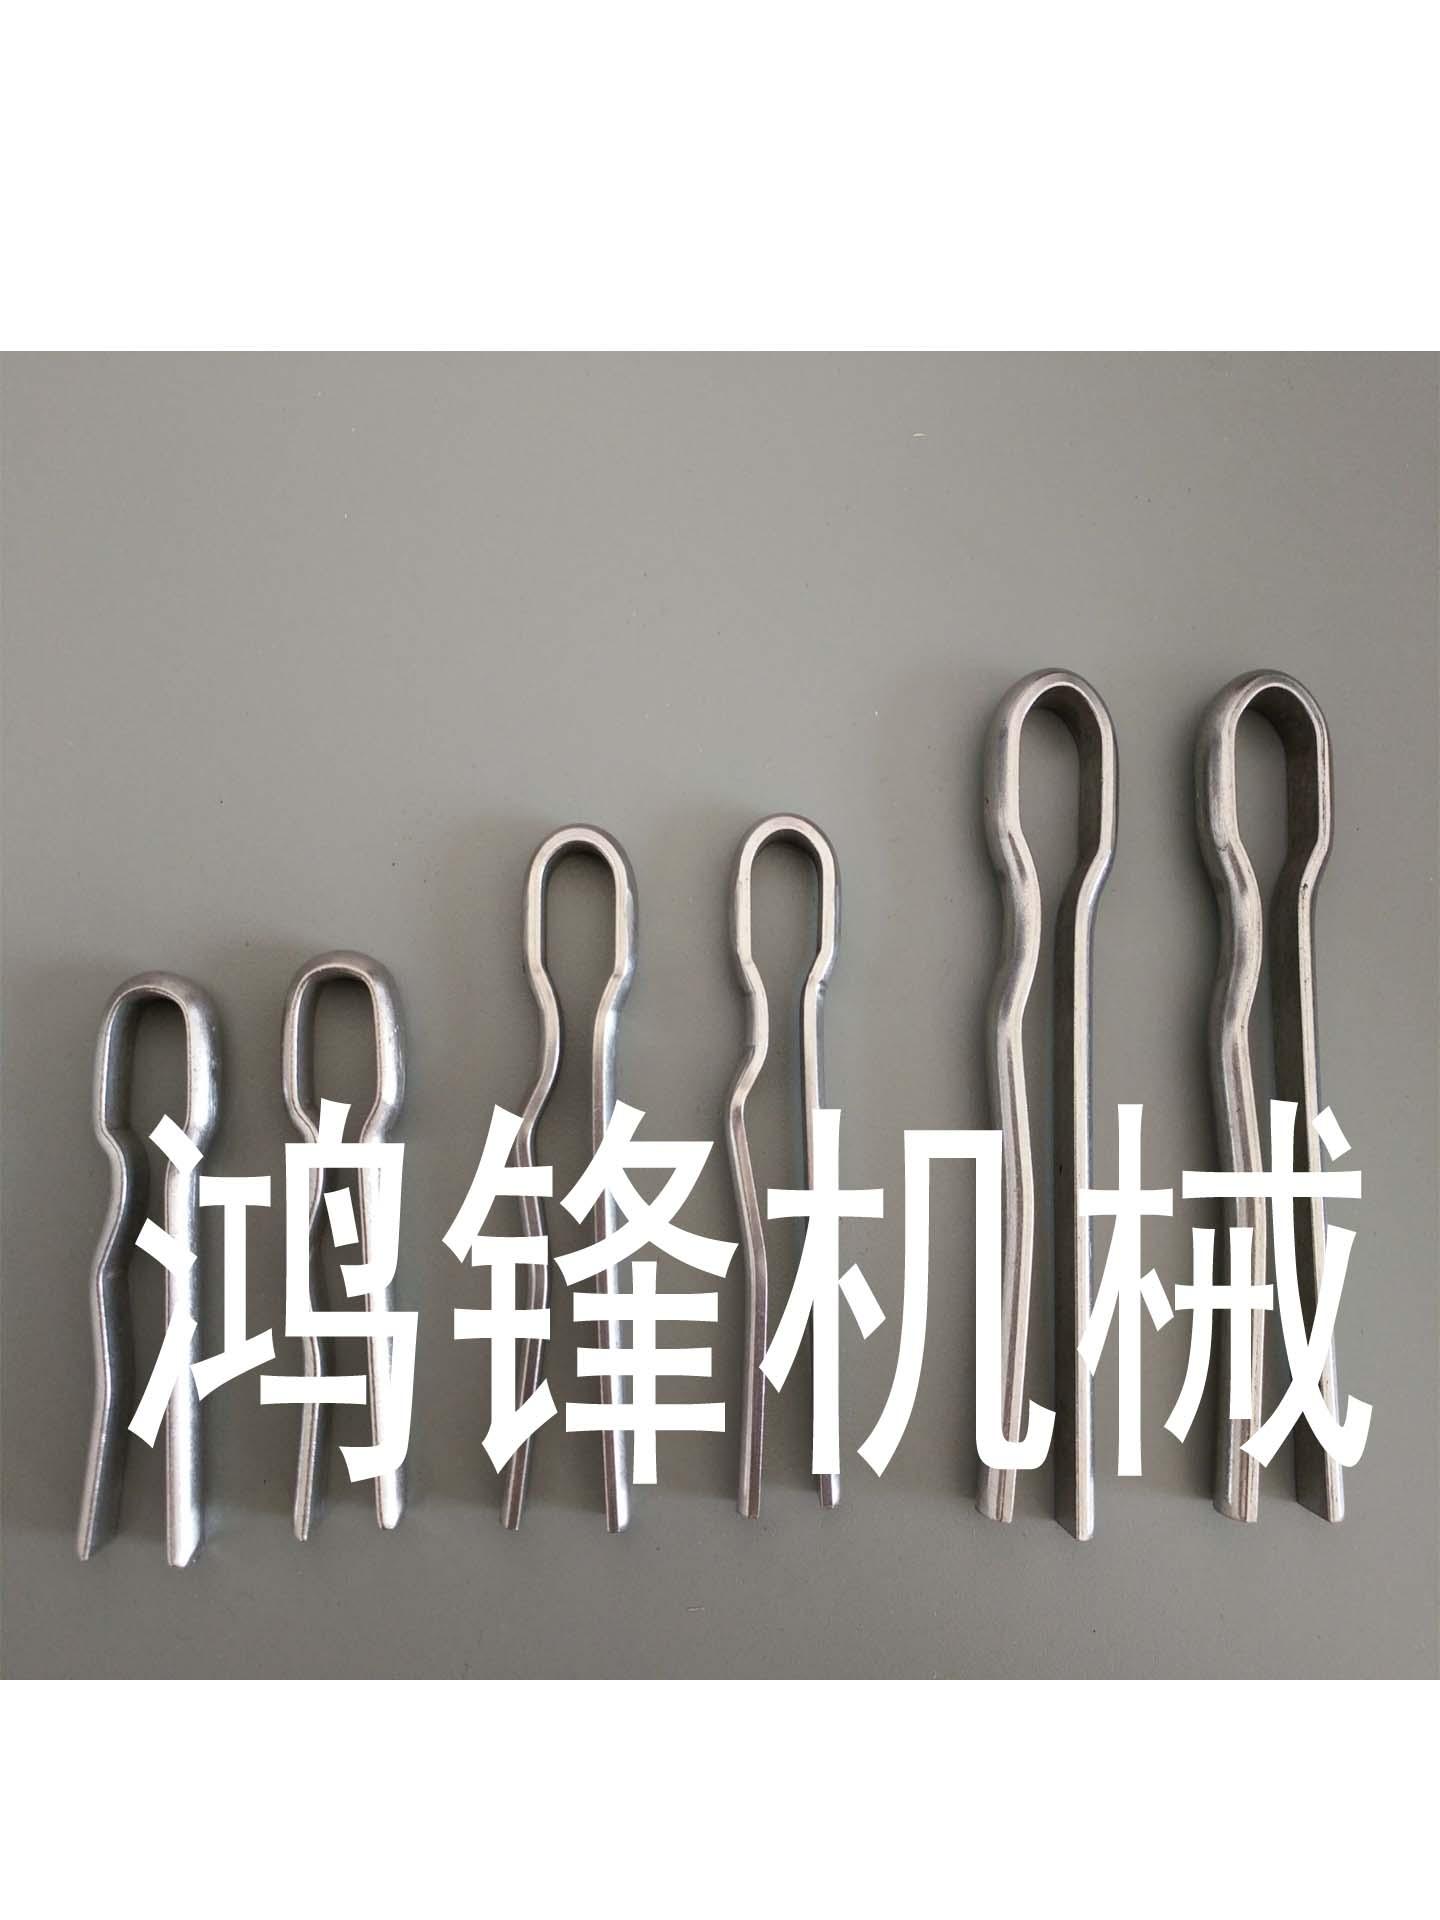 不锈钢打扣机65锰钢片打扣机 不锈钢打扣机全自动打扣机9字的打